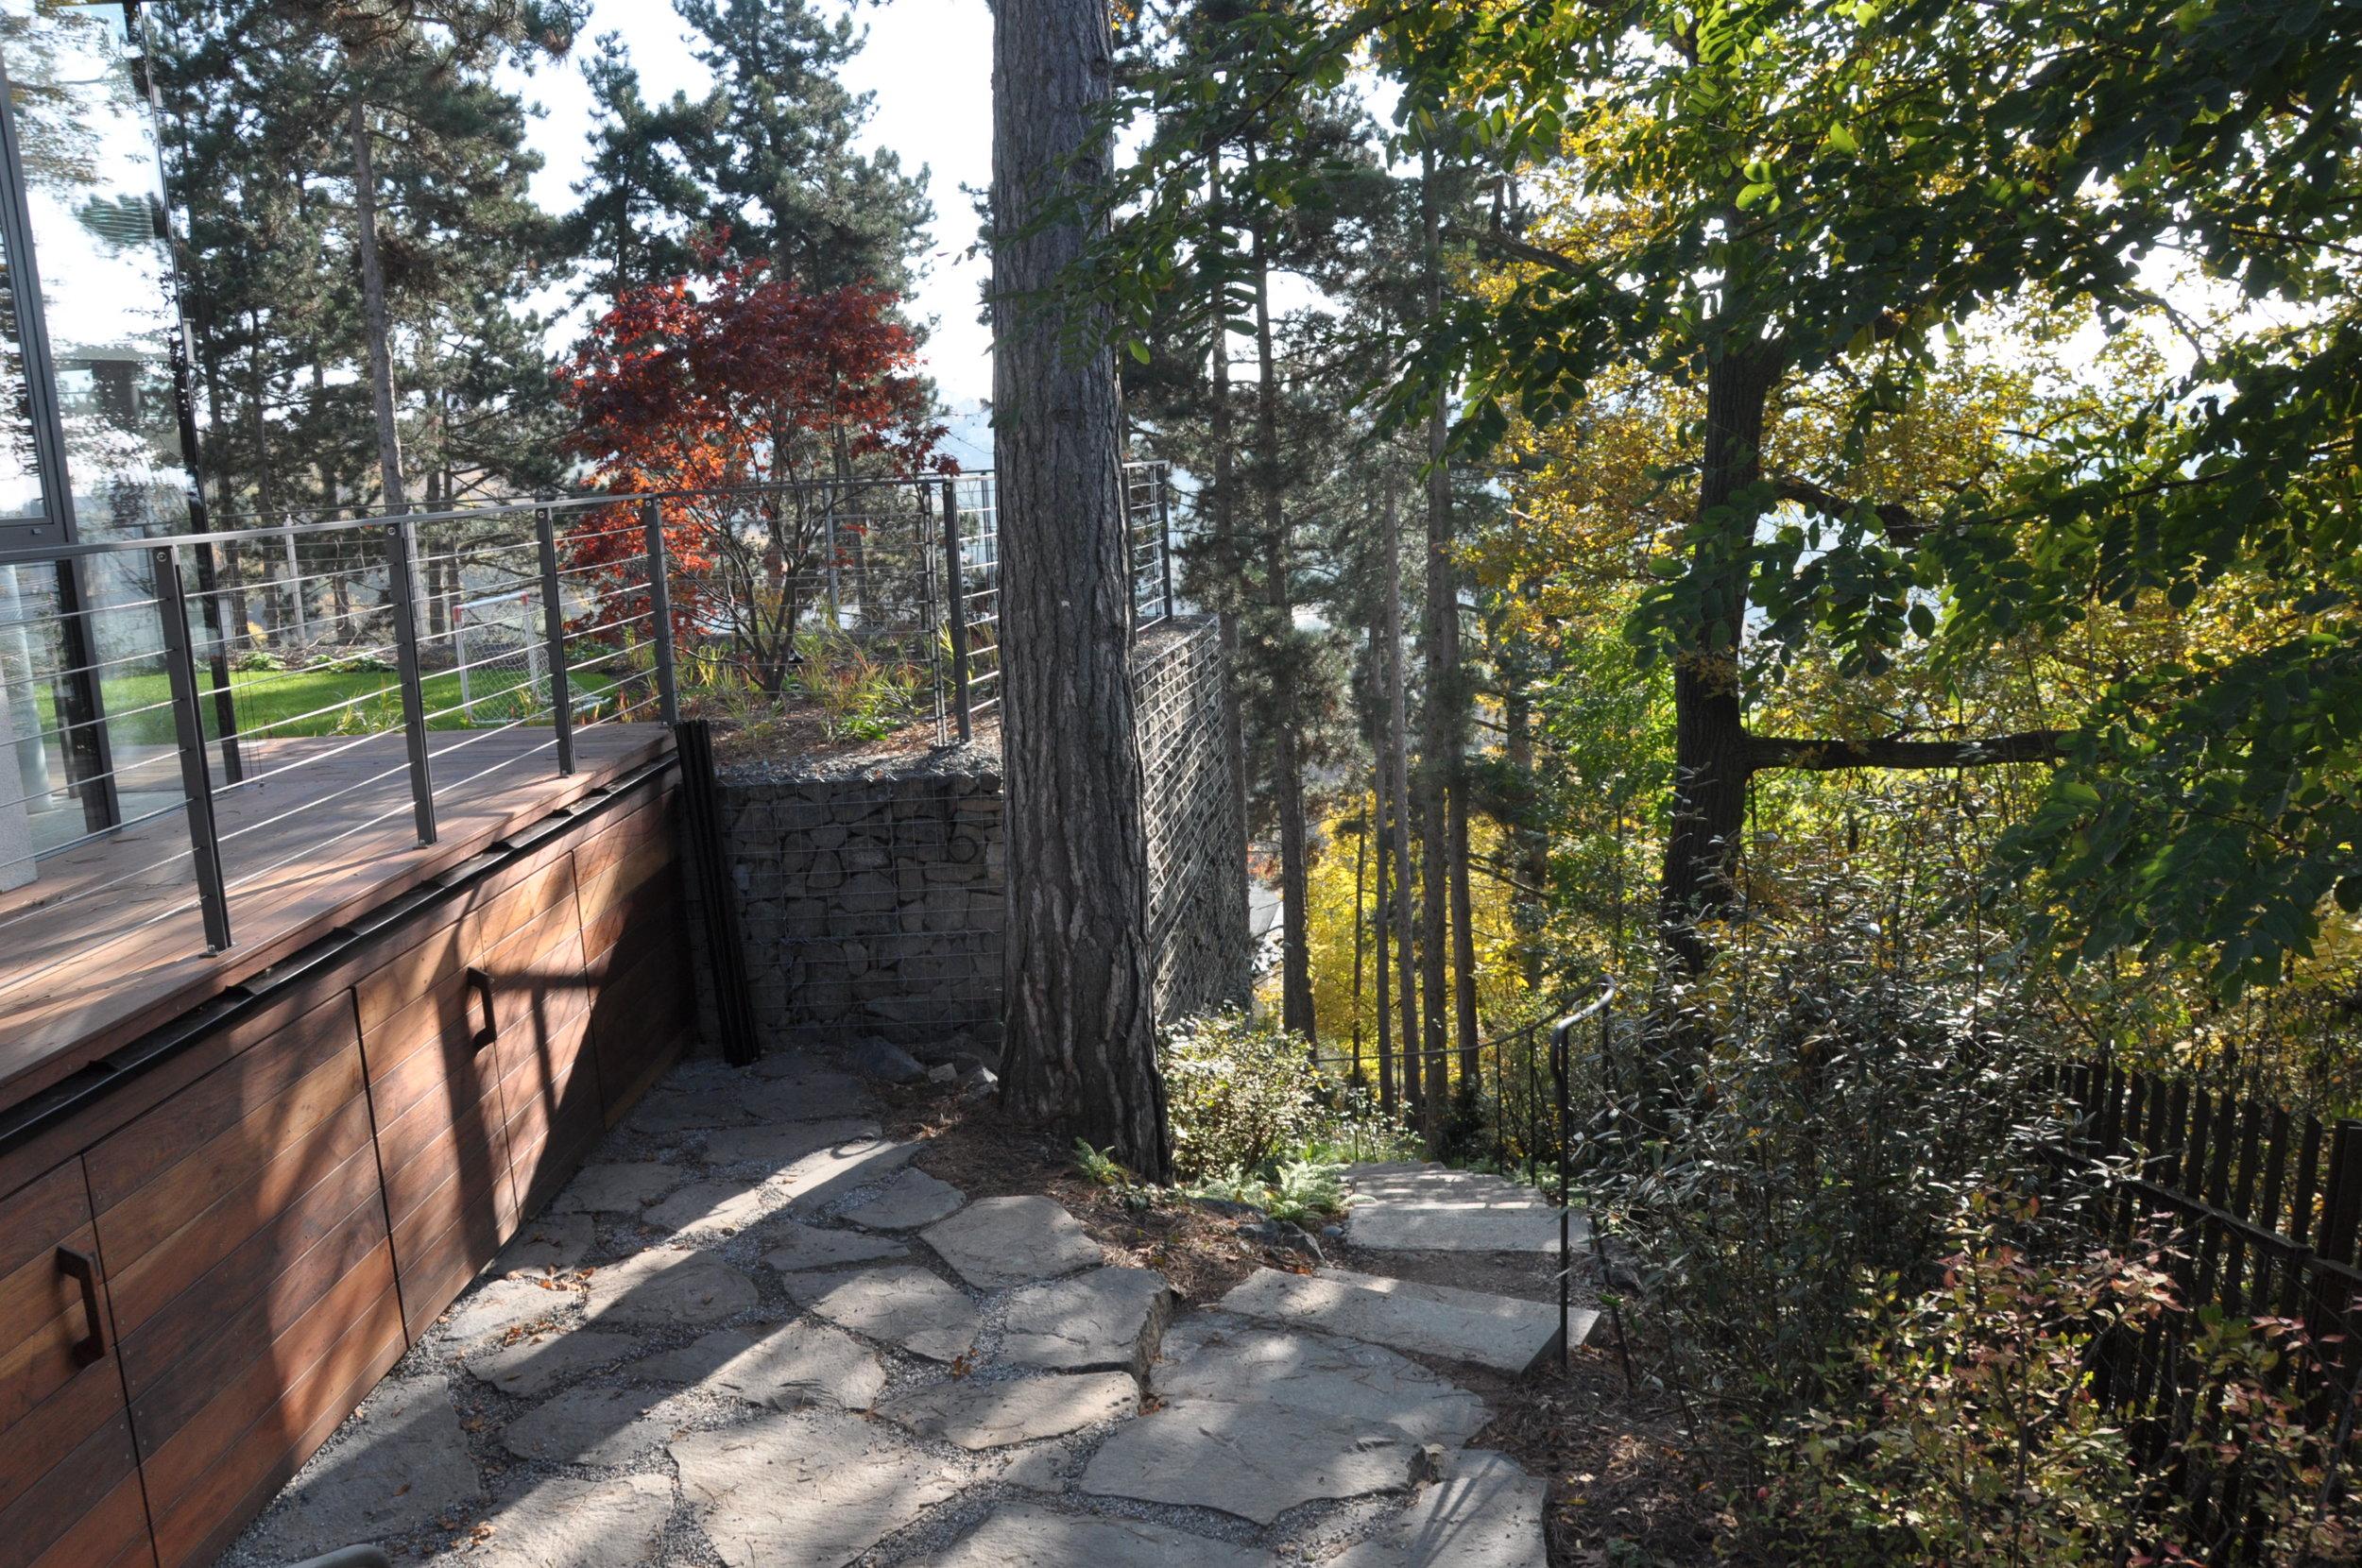 Díky tomu, že byl zahradní architekt přítomen již během stavby podařilo se konstrukčně zasáhnout do terasy, kde mohl vzniknout úložný prostor. foto: Tereza Mácová